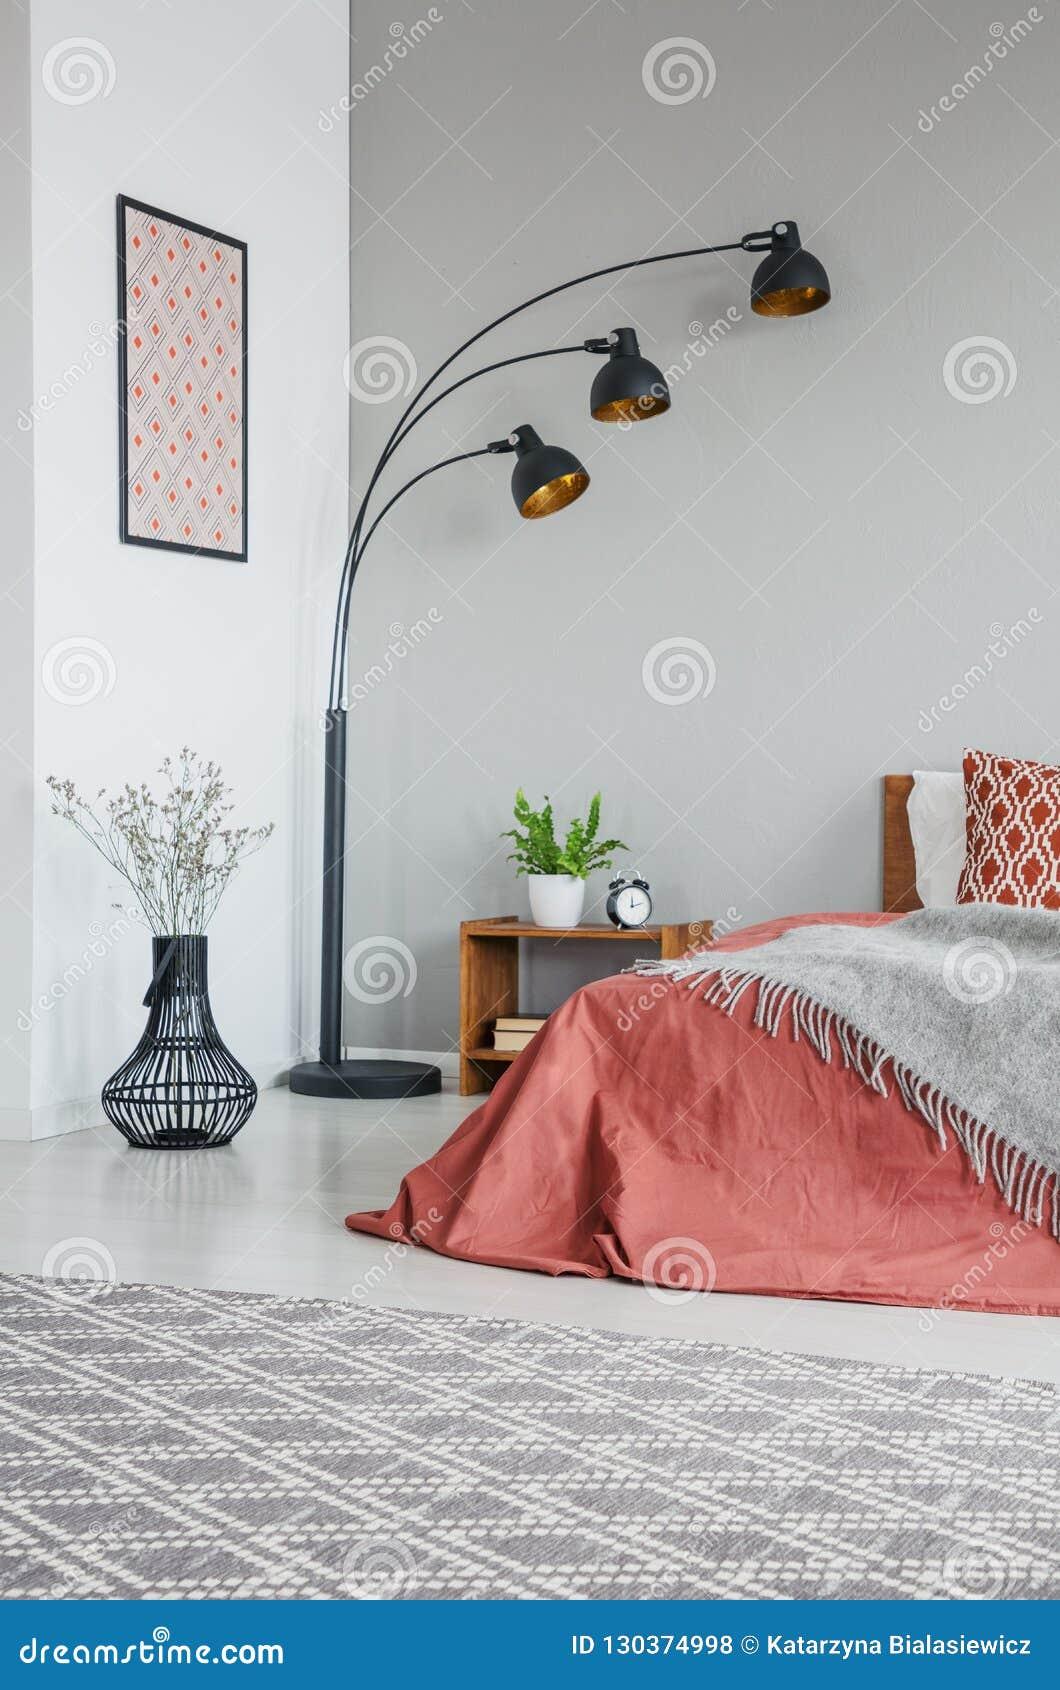 Vertikal sikt av den gråa filten på säng med kuddar i sovruminre med lampan och växter